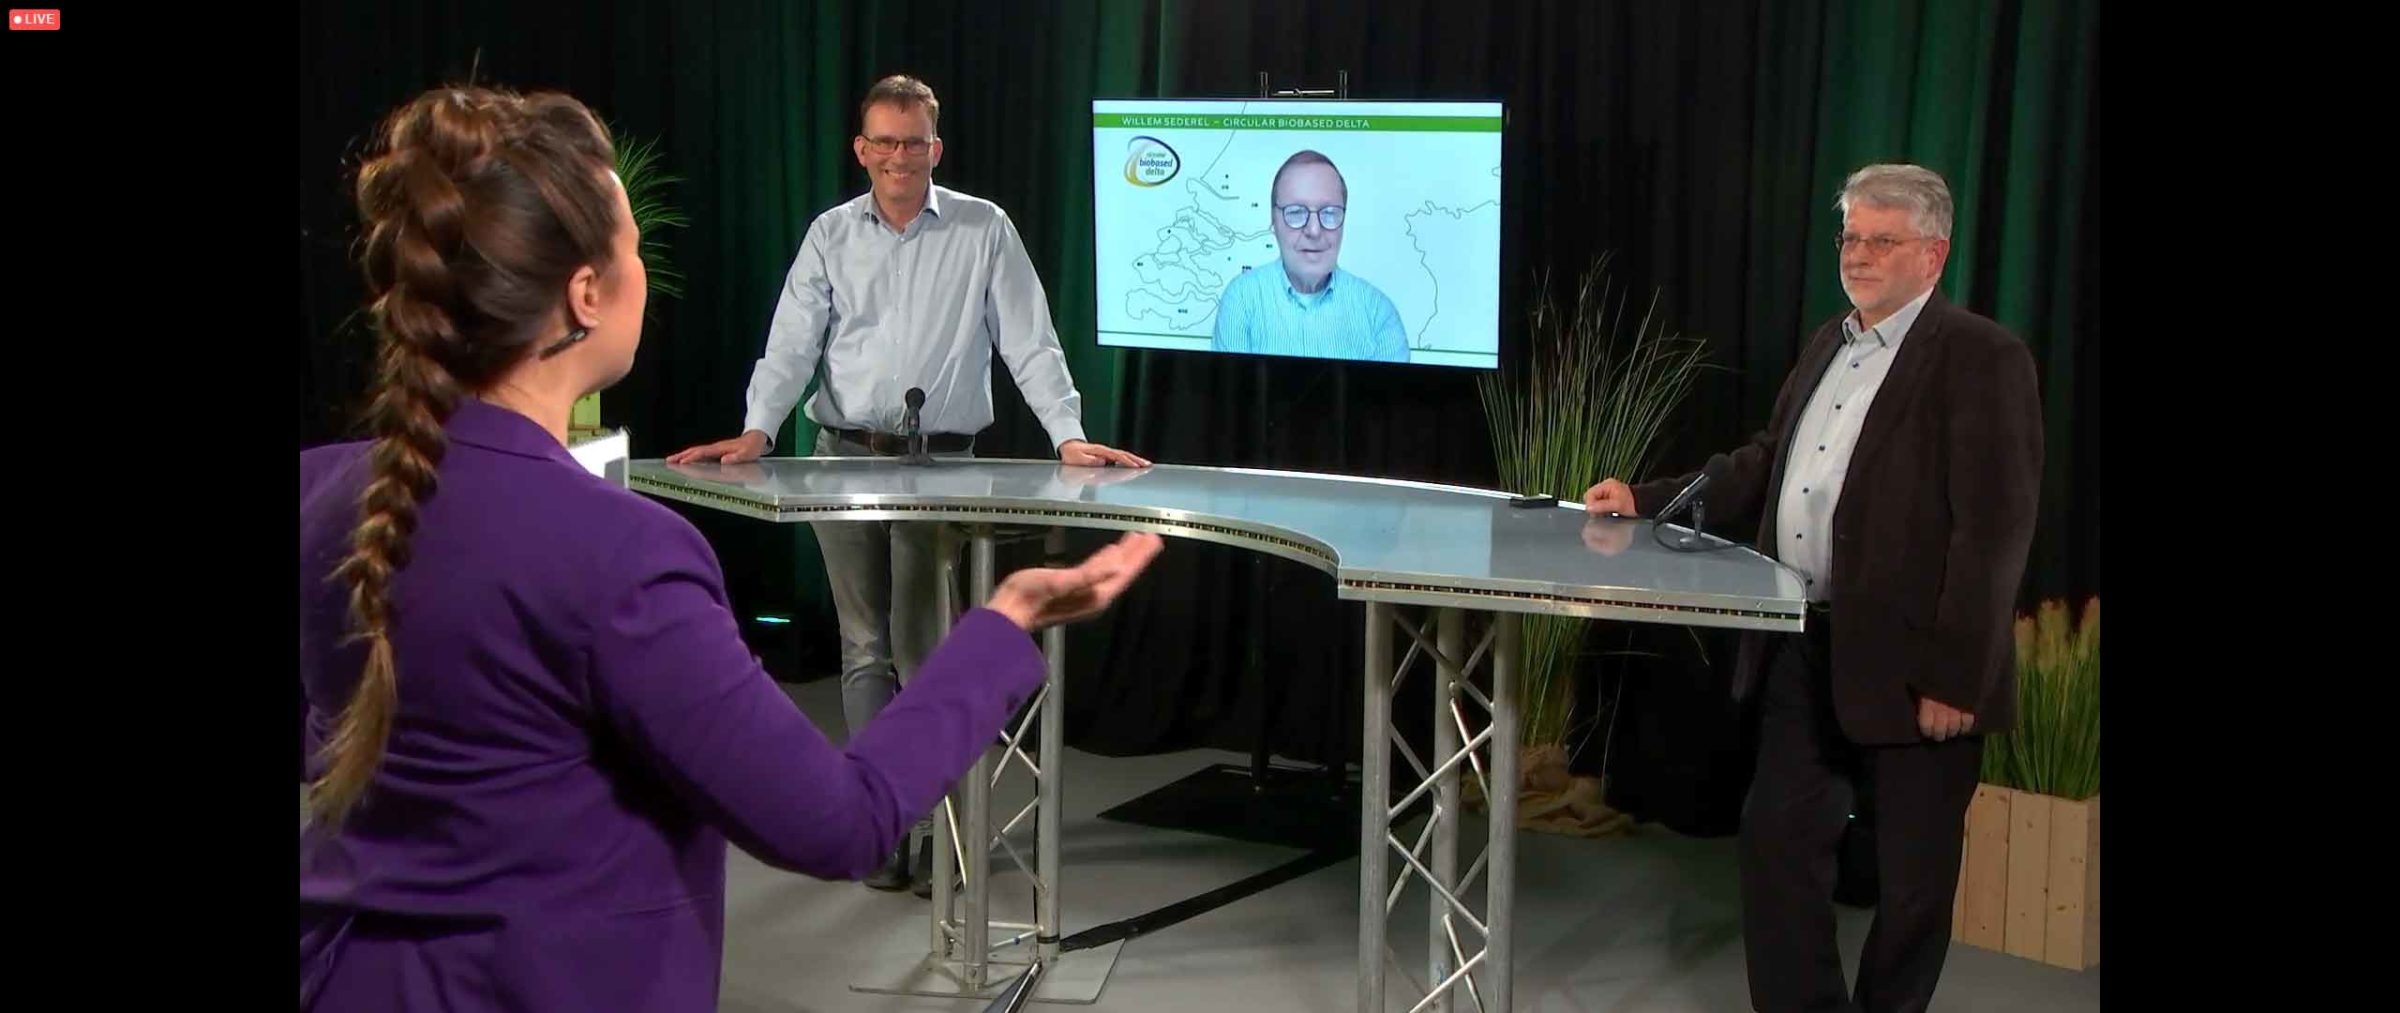 Willem Sederel op het scherm tussen Chris de Visser (l) en Hans van Klink (r)